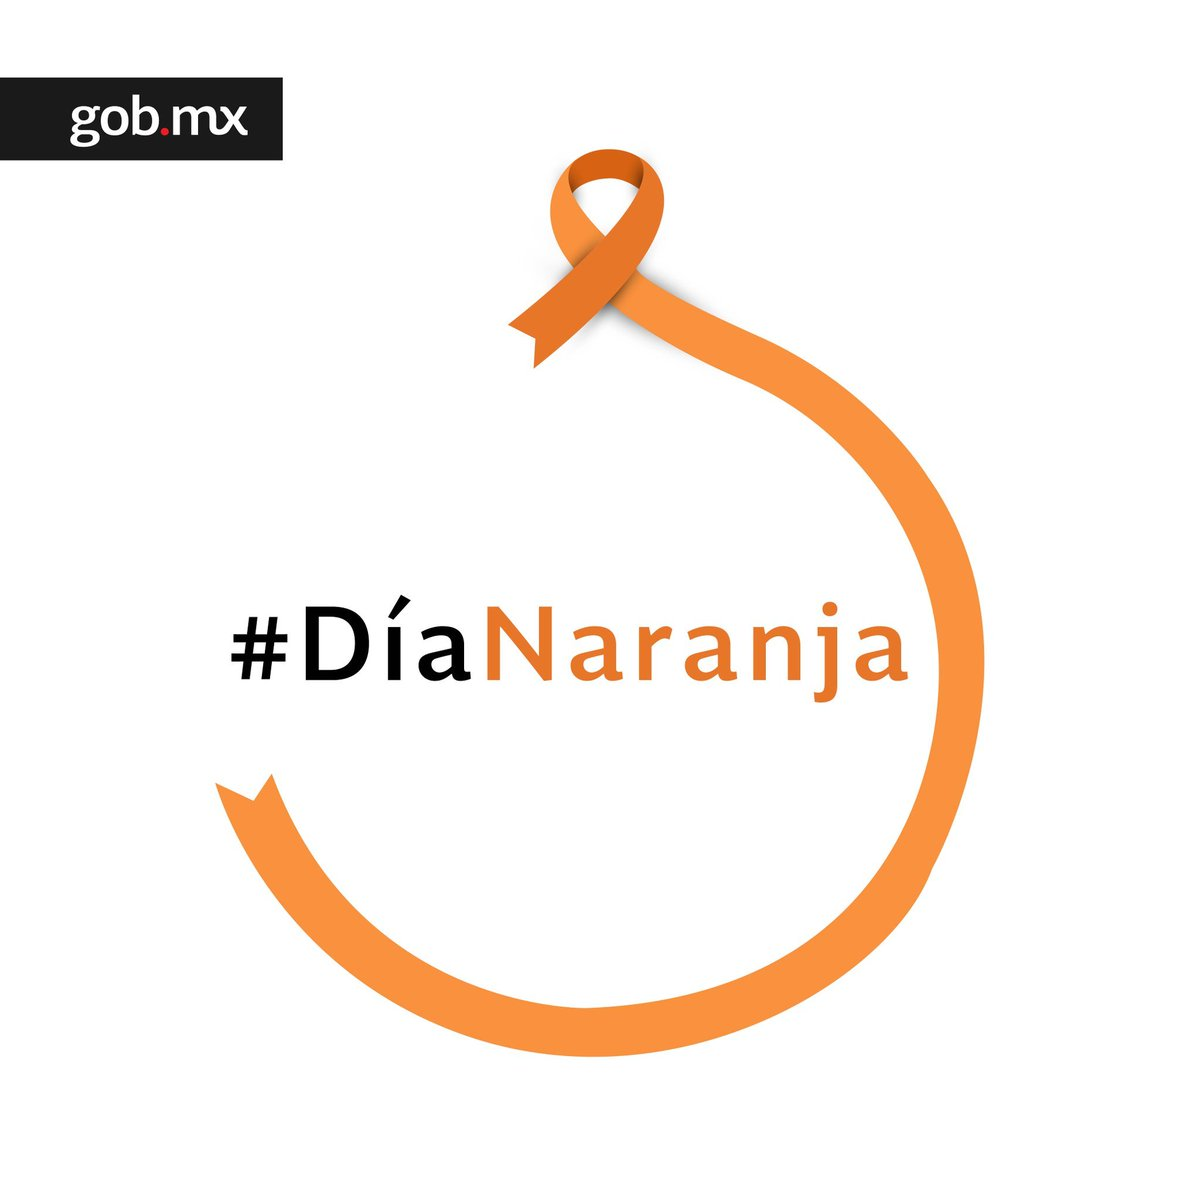 Recuerda que HOY es el #DíaNaranja. ¡Únete contra la violencia hacia m...